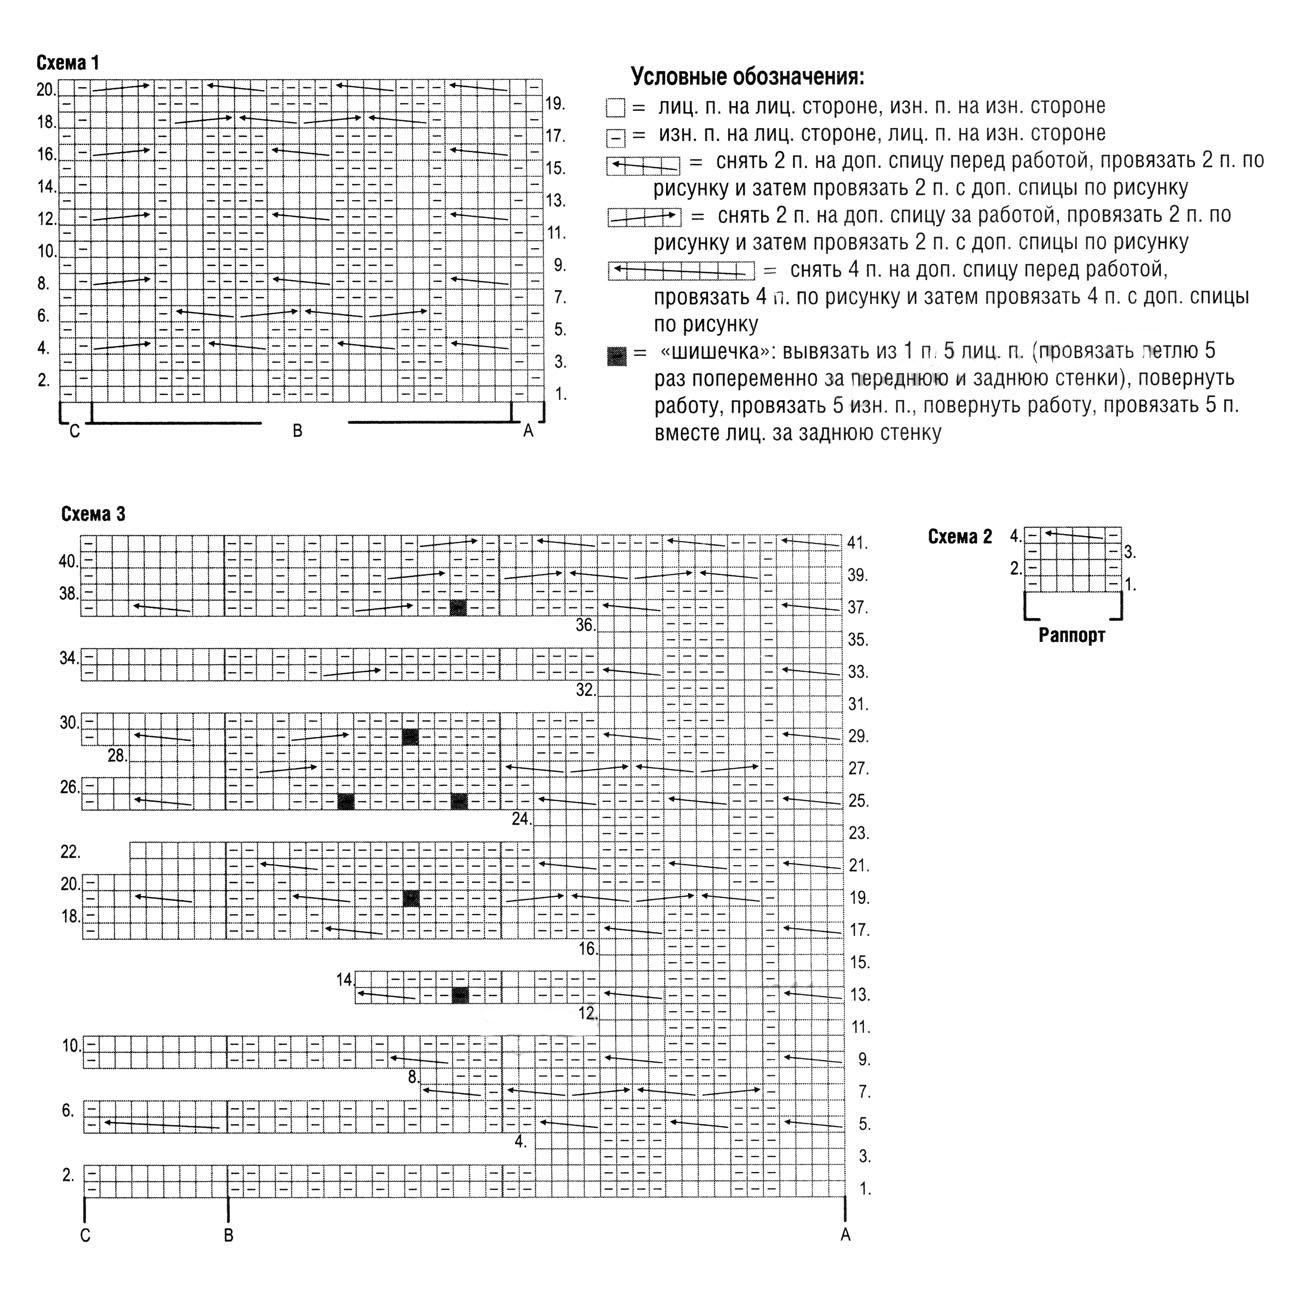 Женский жакет спицами с узорами из крупных Аранов схема вязания и условные обозначения